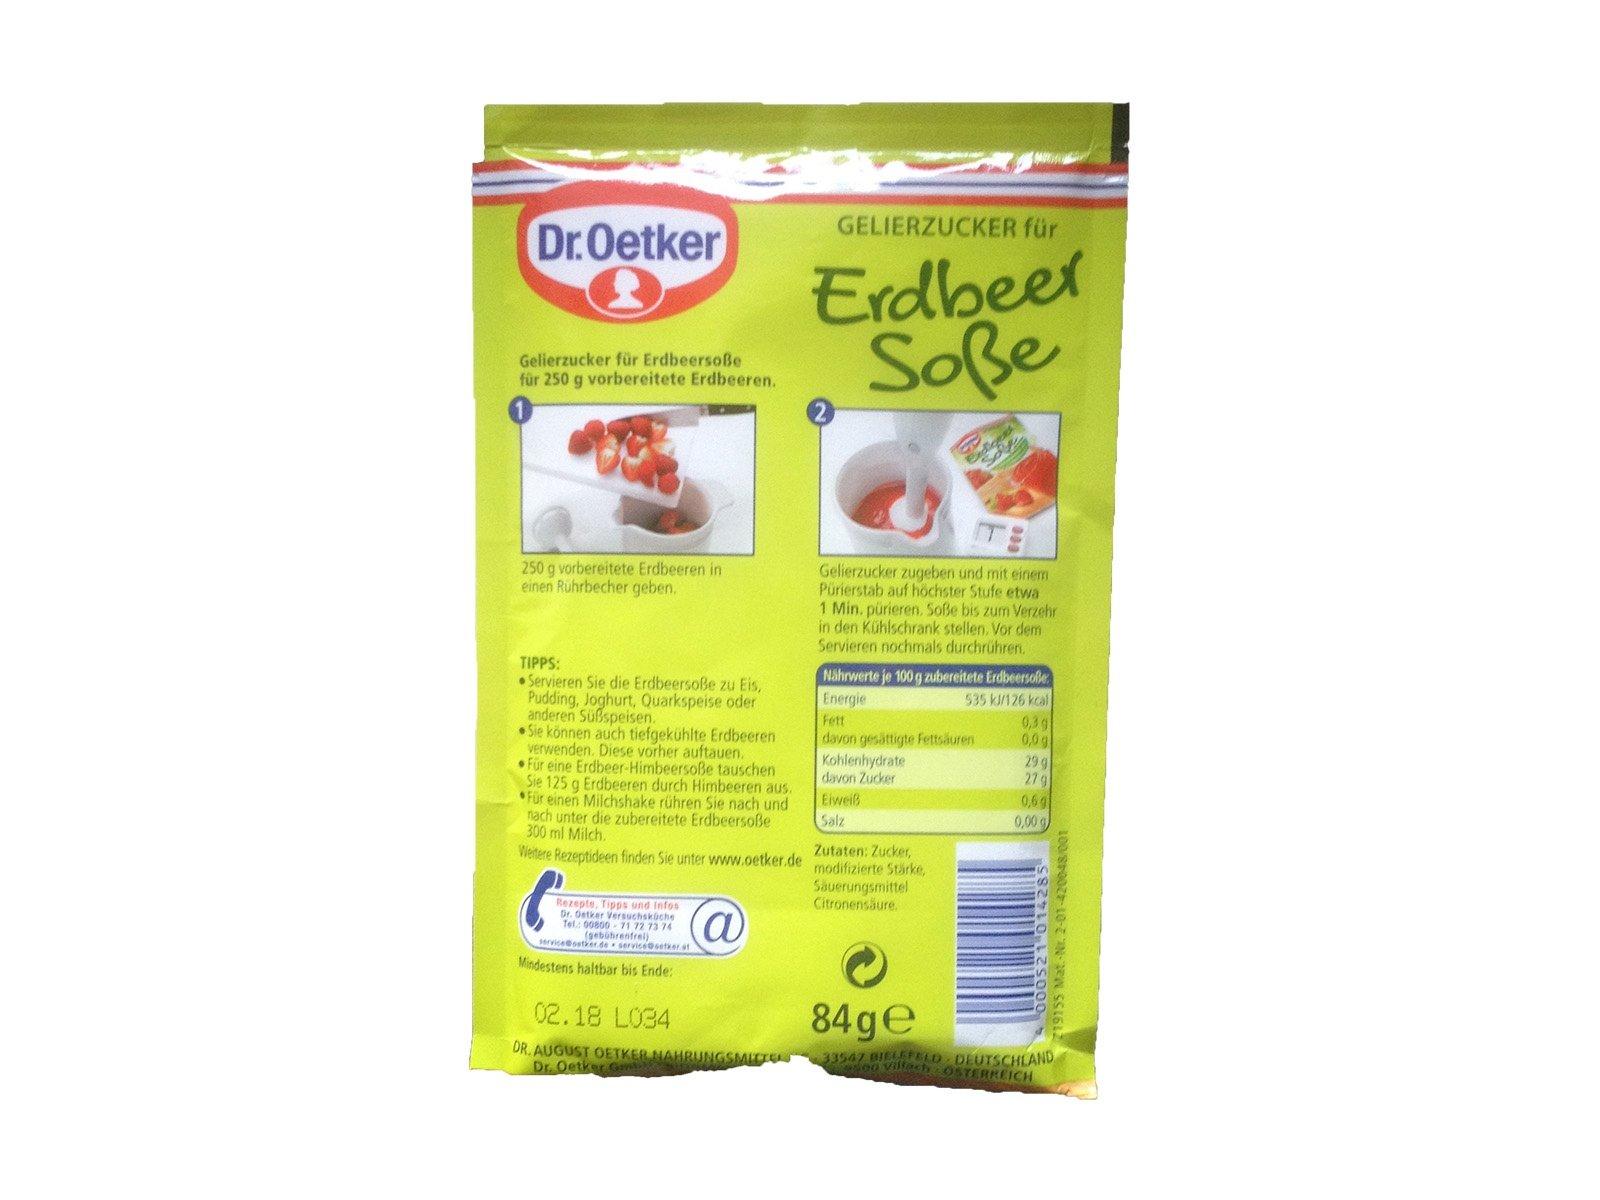 Dr. Oetker Gelierzucker für Erdbeersauce